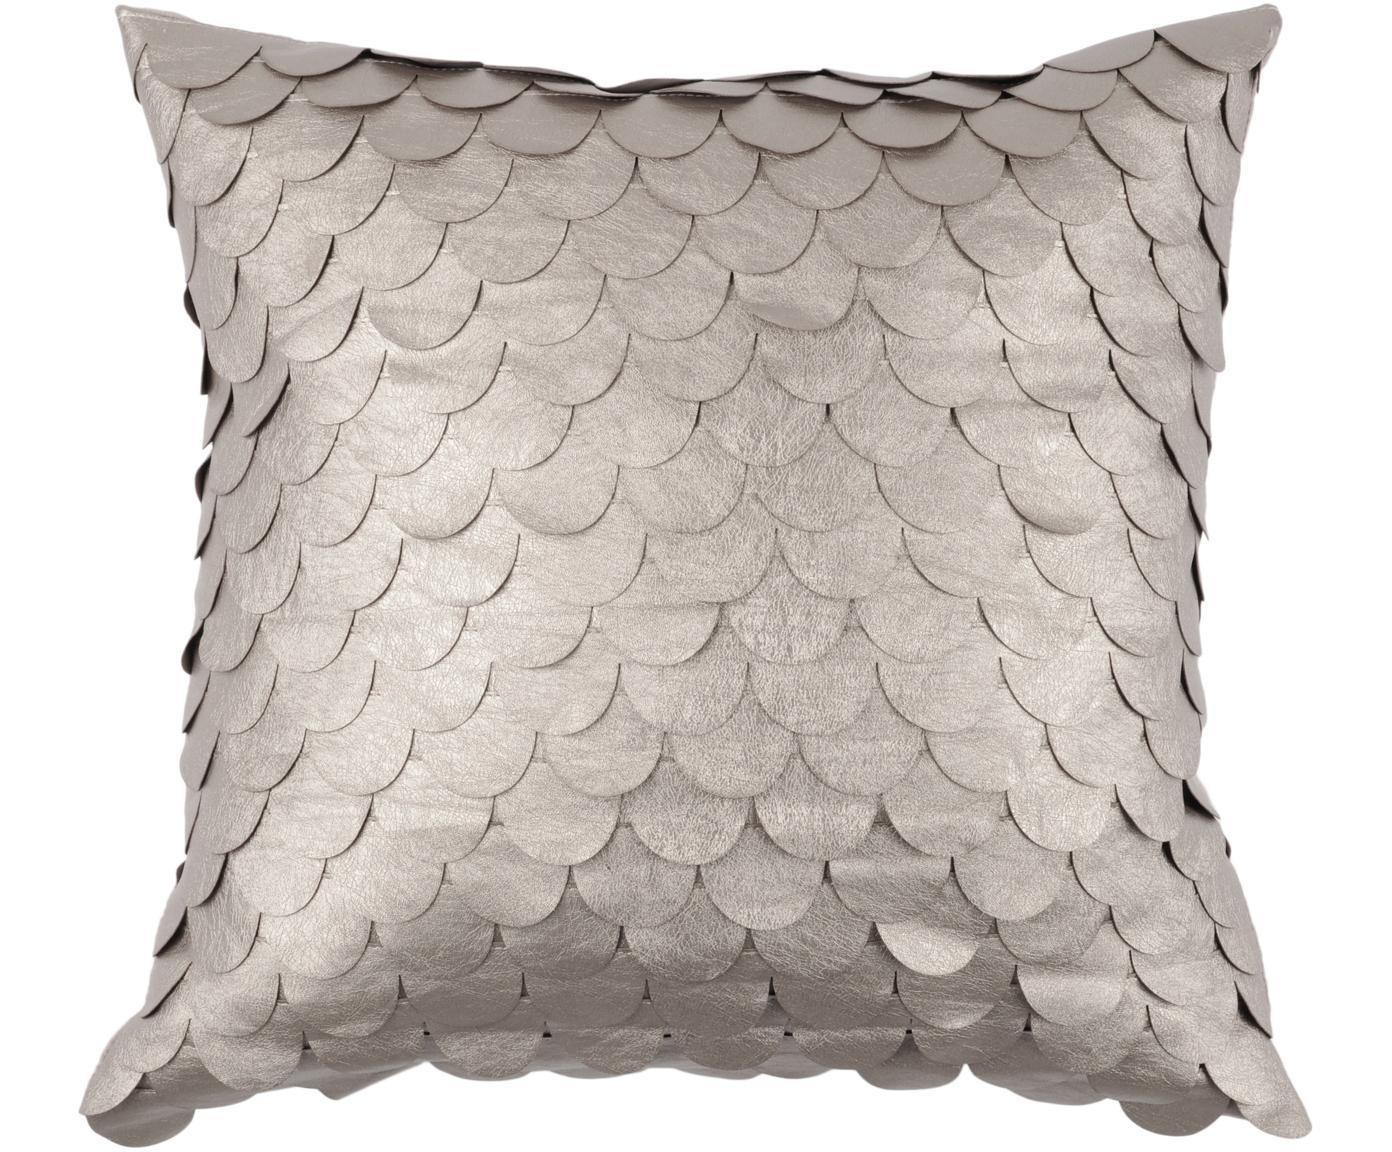 Błyszcząca poduszka z wypełnieniem Gasby Chic, Tapicerka: 50% poliester, 50% poliur, Odcienie szampańskiego, S 40 x D 40 cm